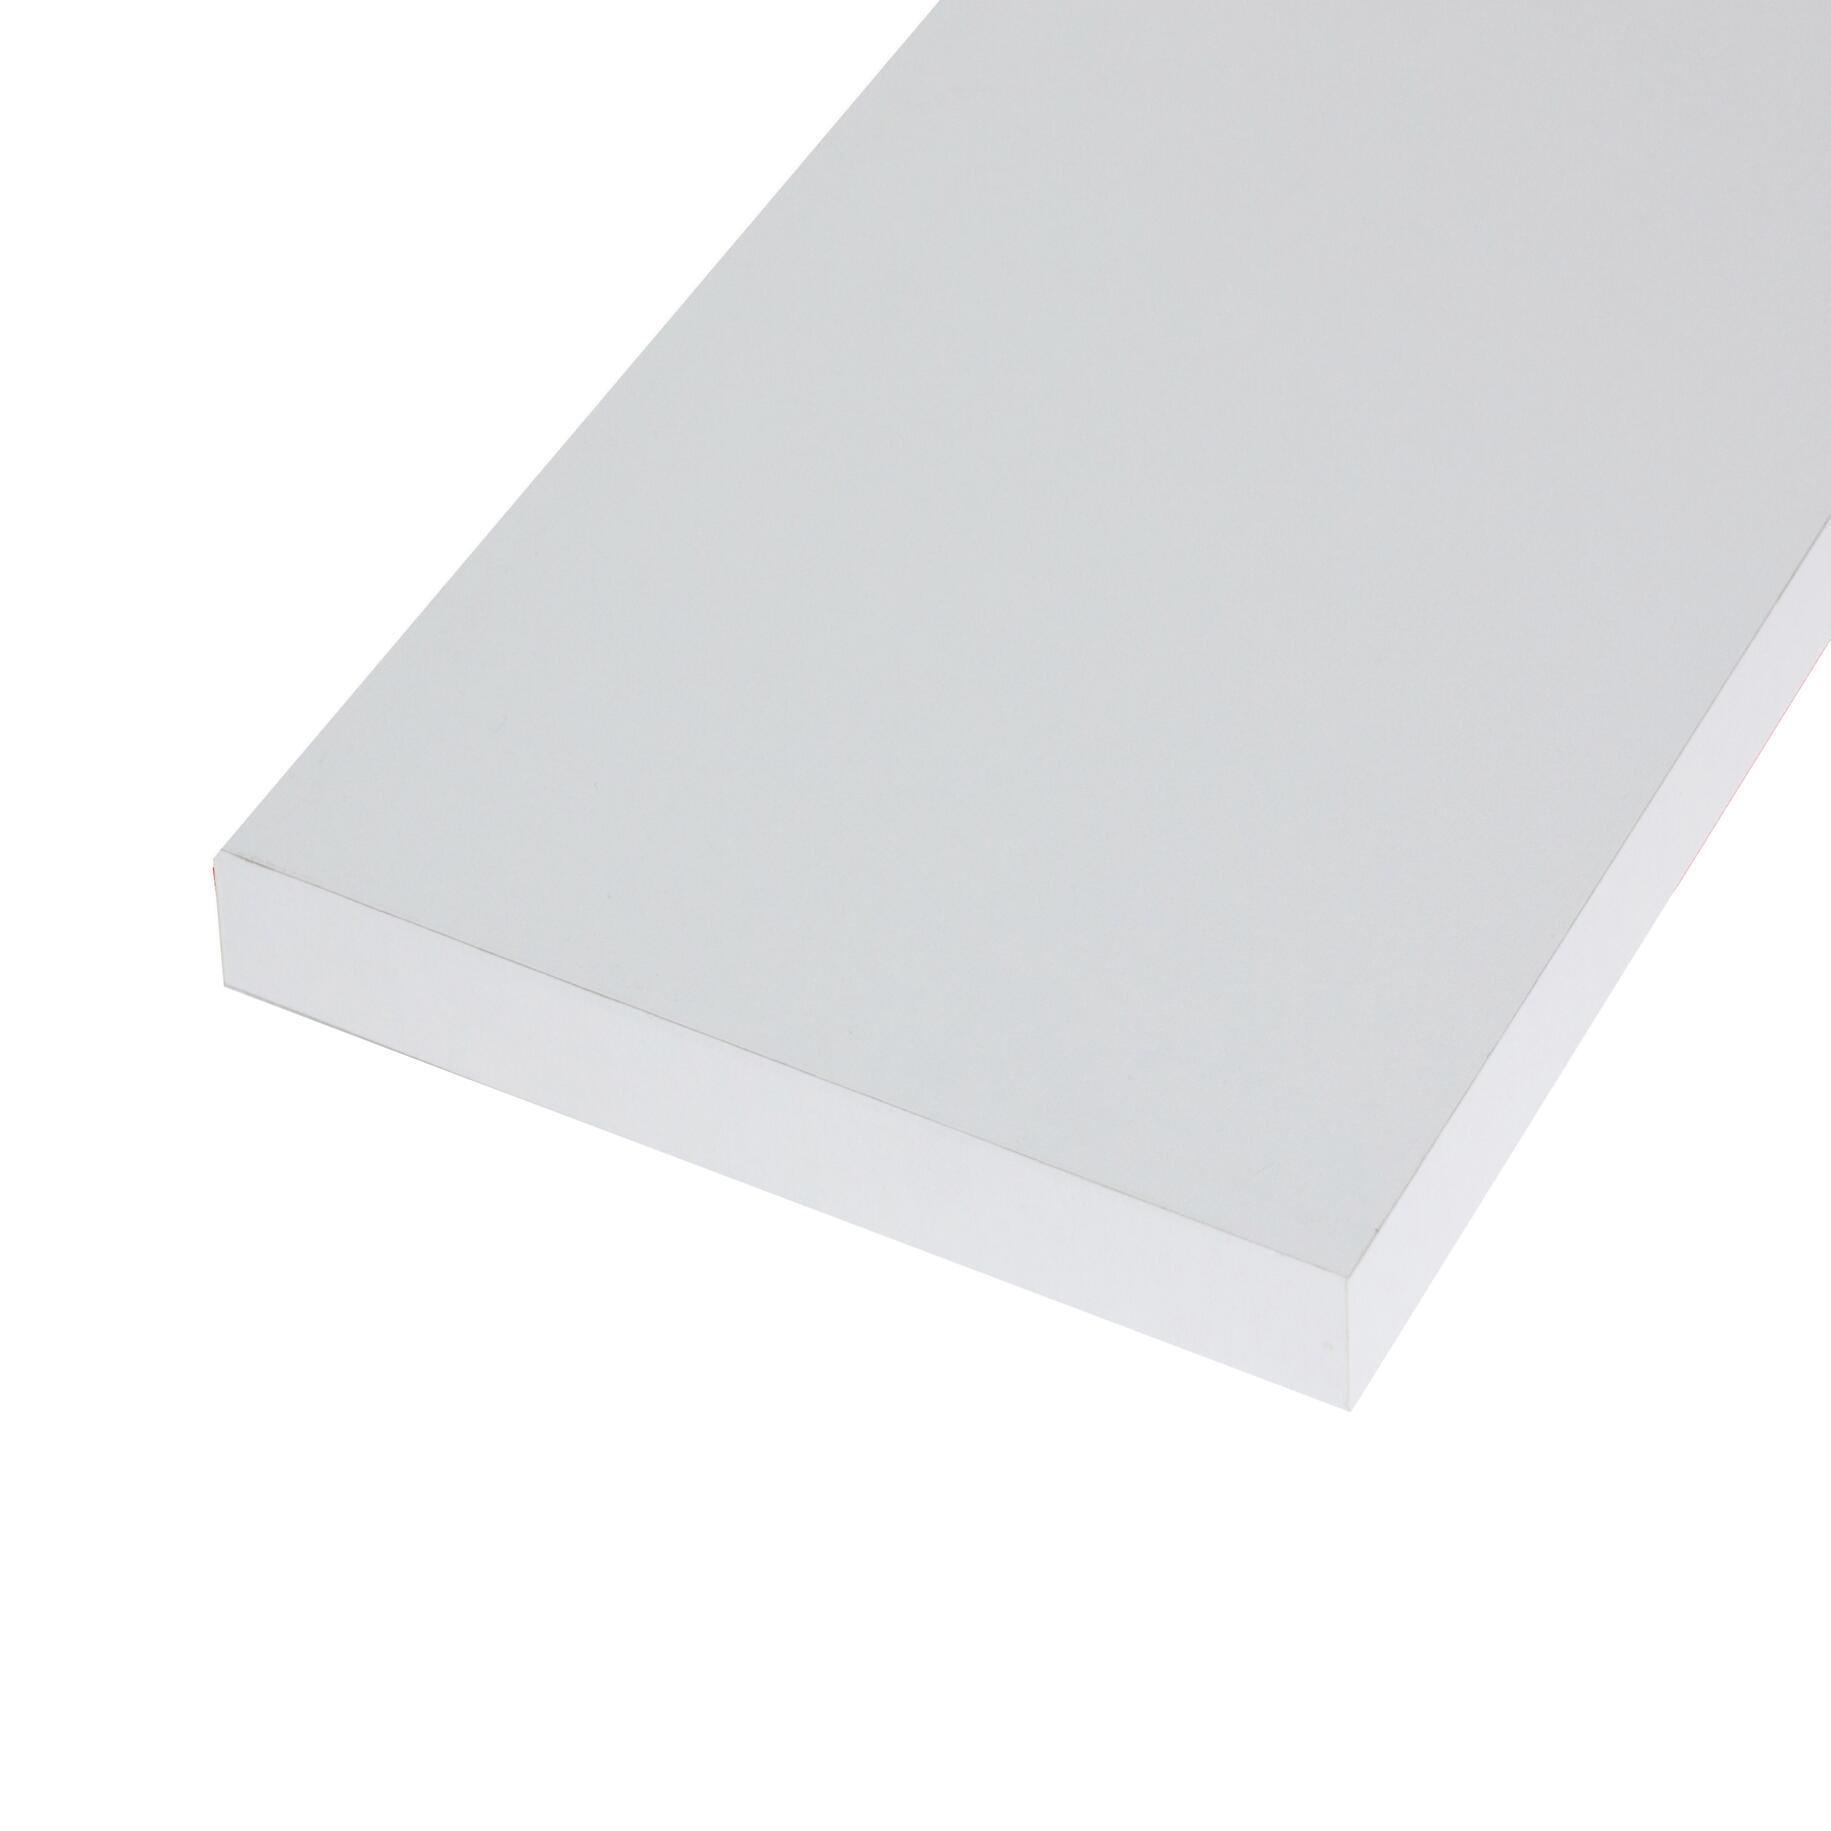 Ripiano melaminico ARTENS 138 x 80 cm Sp 25 mm bianco